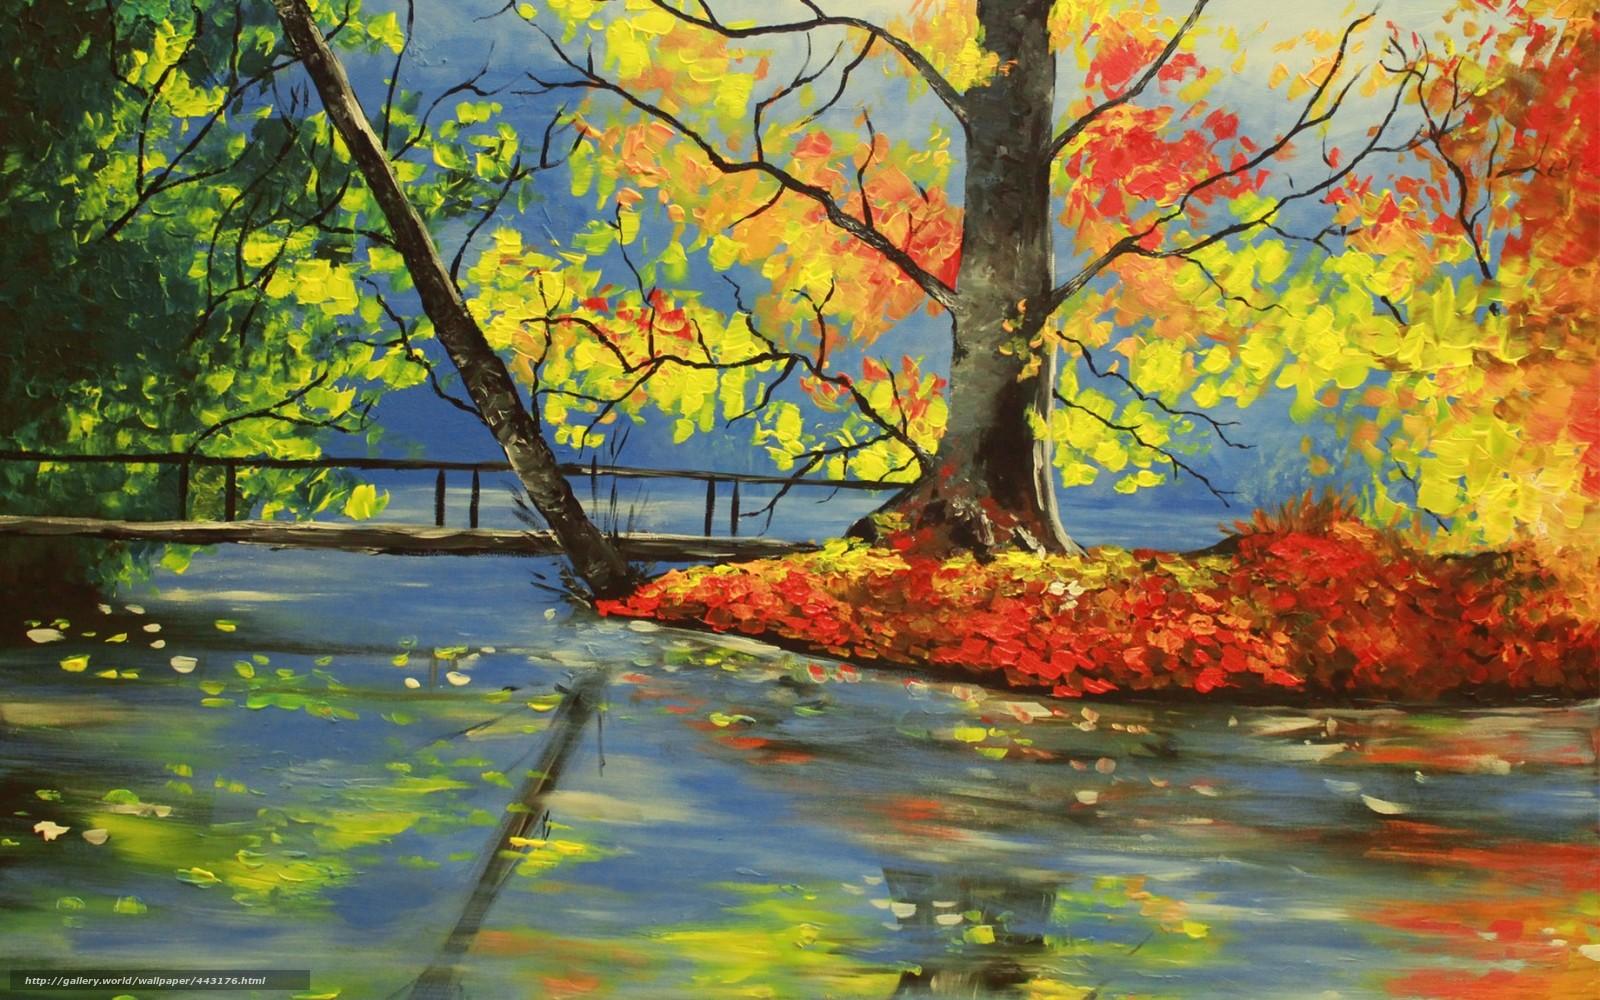 Download Hintergrund Kunst Natur Fluss Herbst Freie Desktop Tapeten In Der Auflosung 1680x1050 Bild 443176